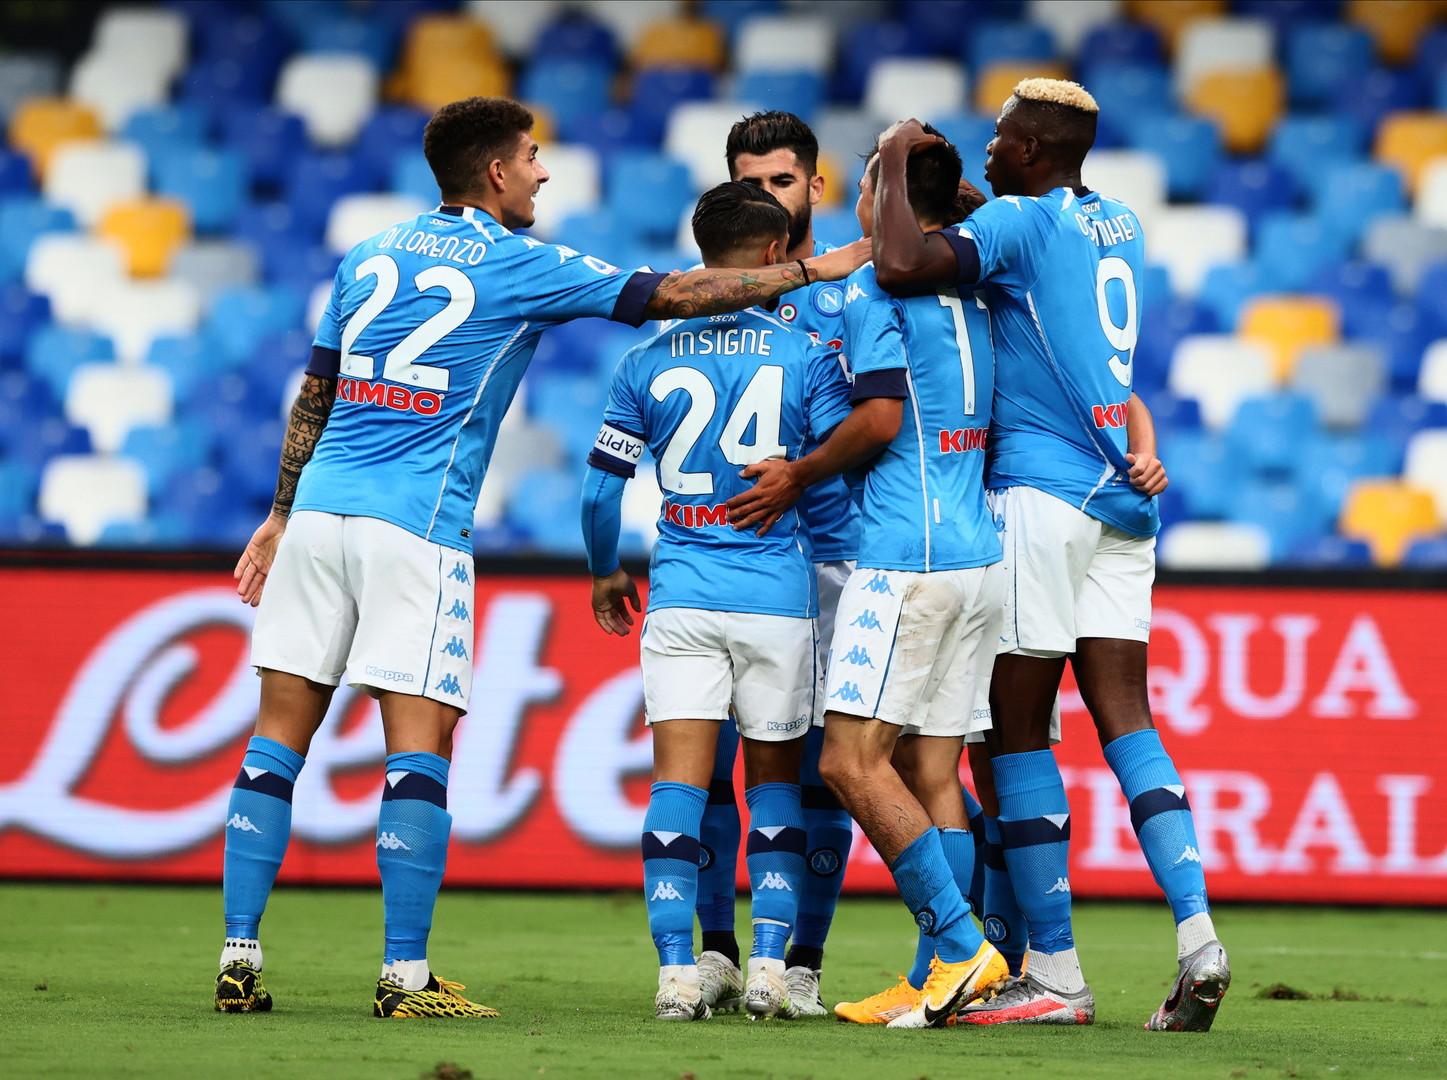 Gli azzurri vincono 6-0 contro i rossobl&ugrave; di Maran<br /><br />